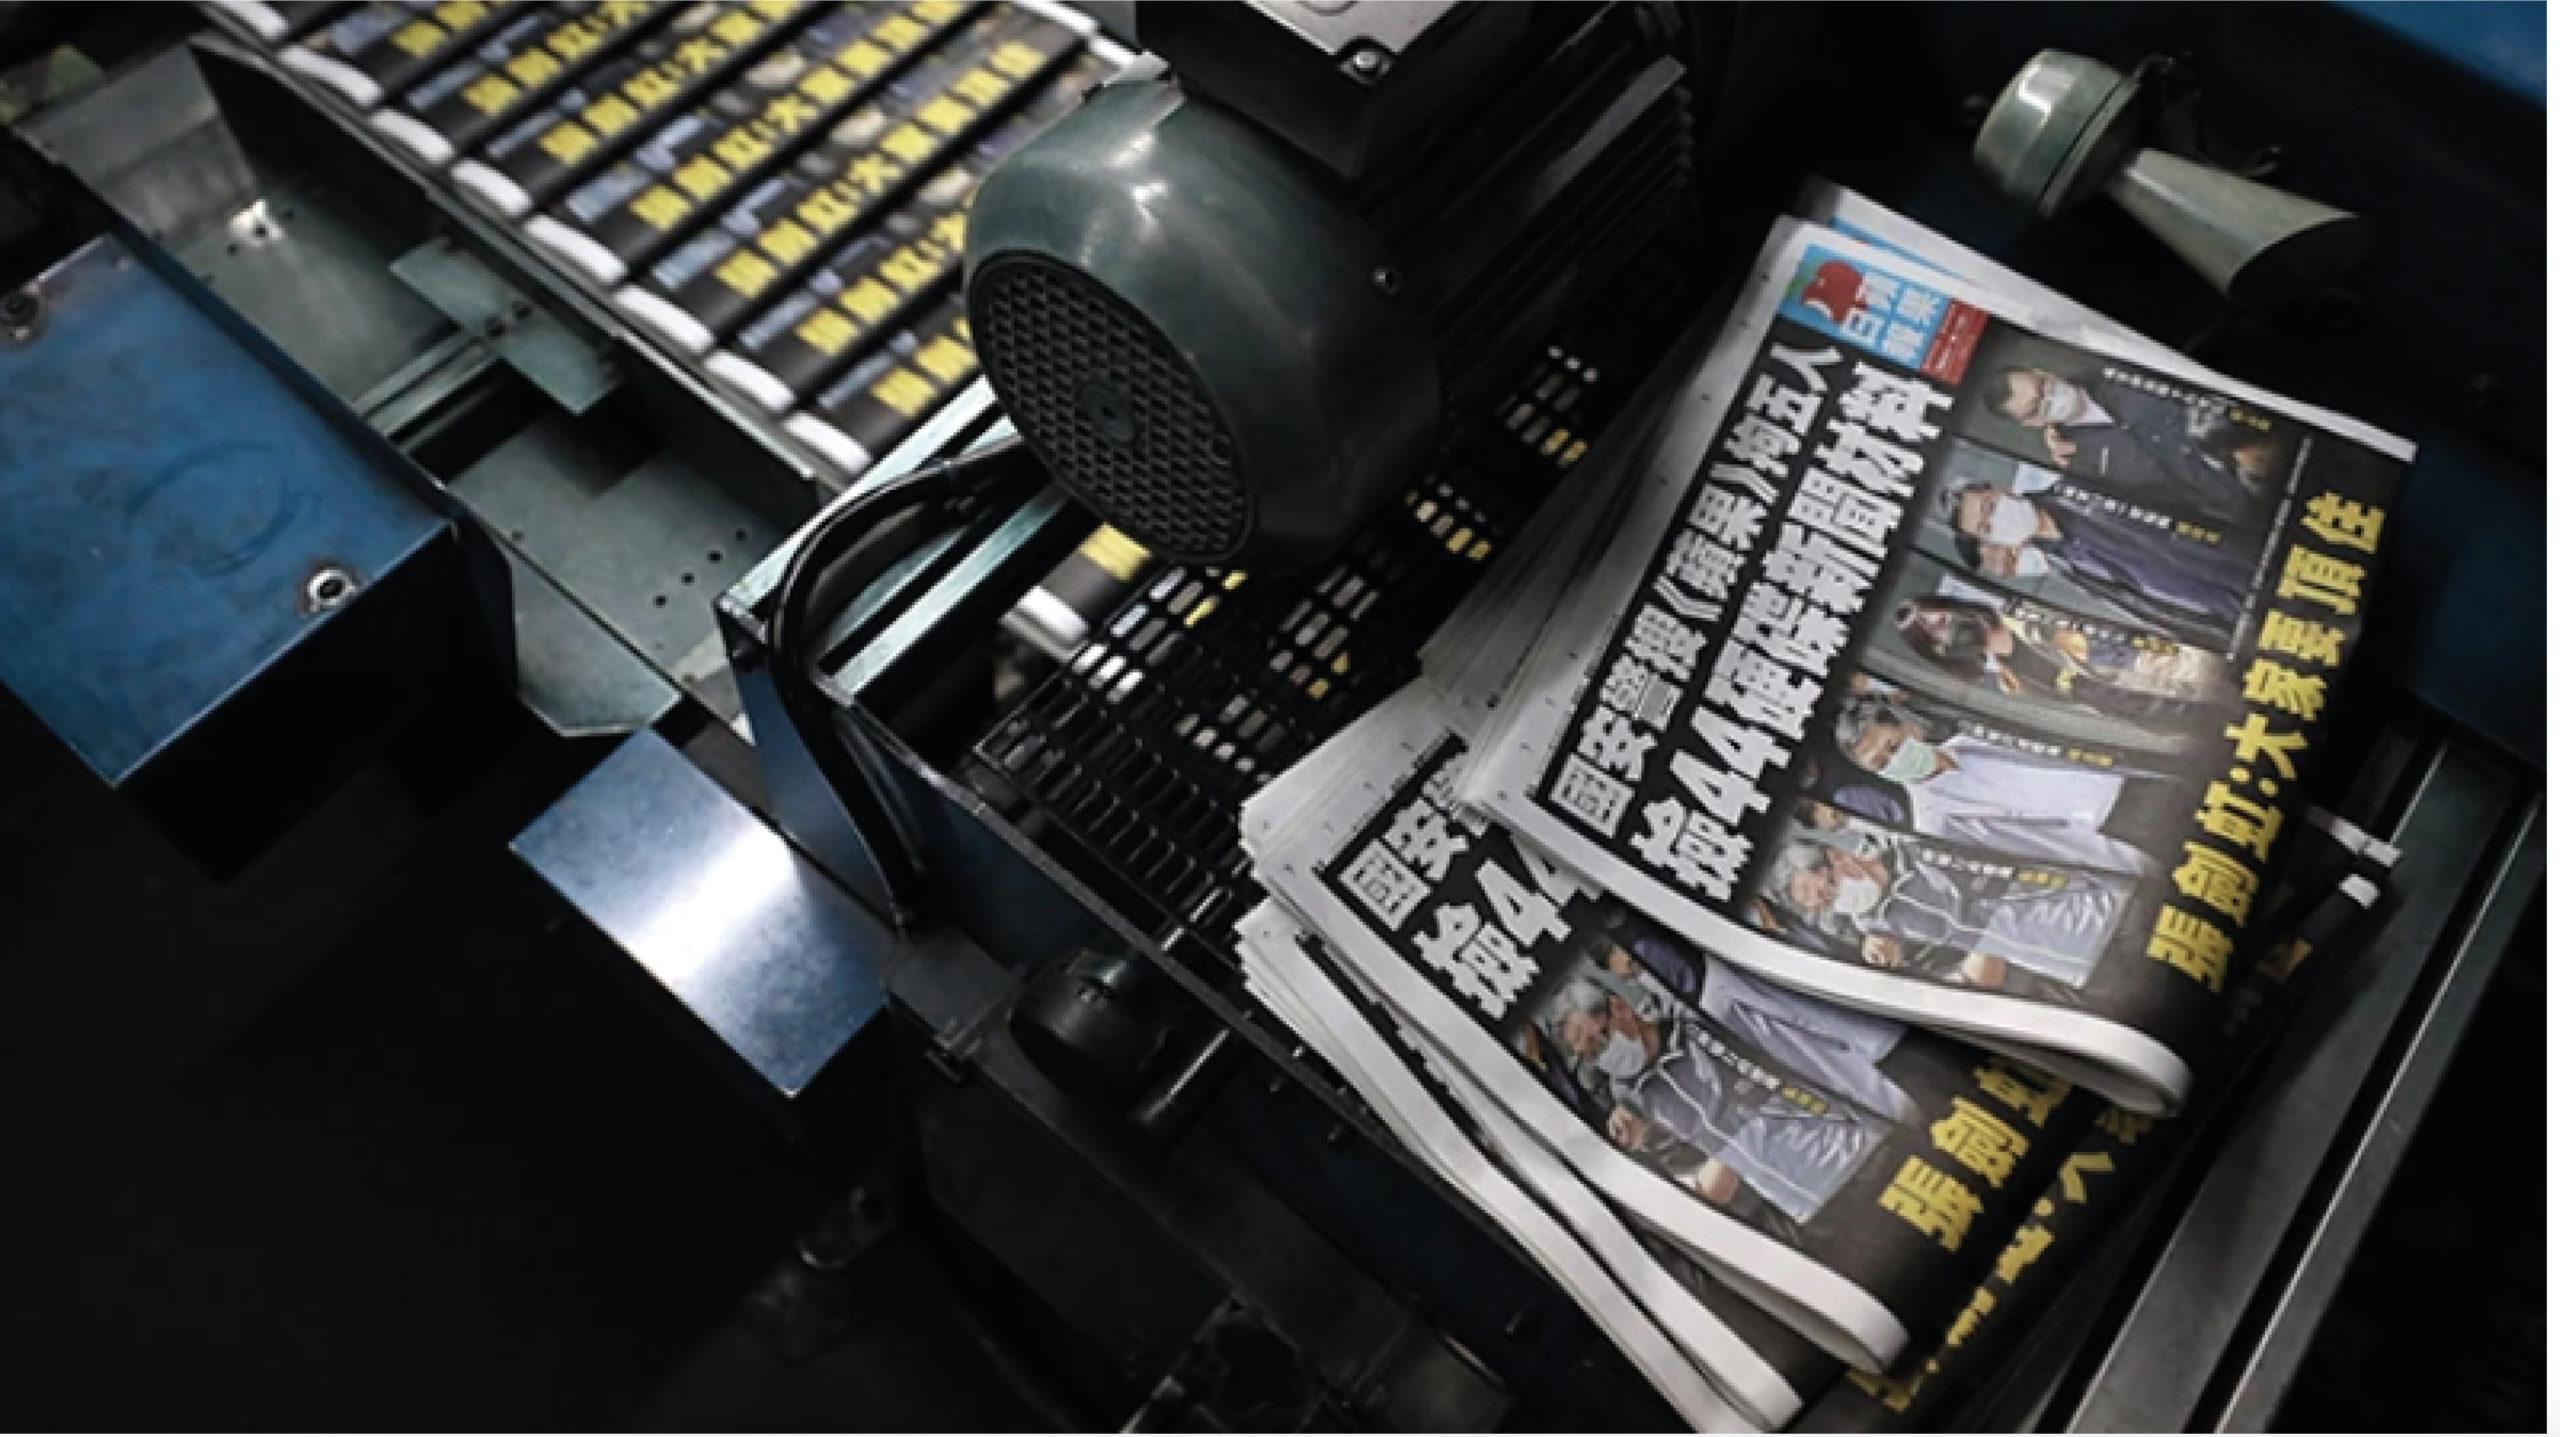 El diario Apple Daily de Hong Kong cierra bajo la presión de Pekín